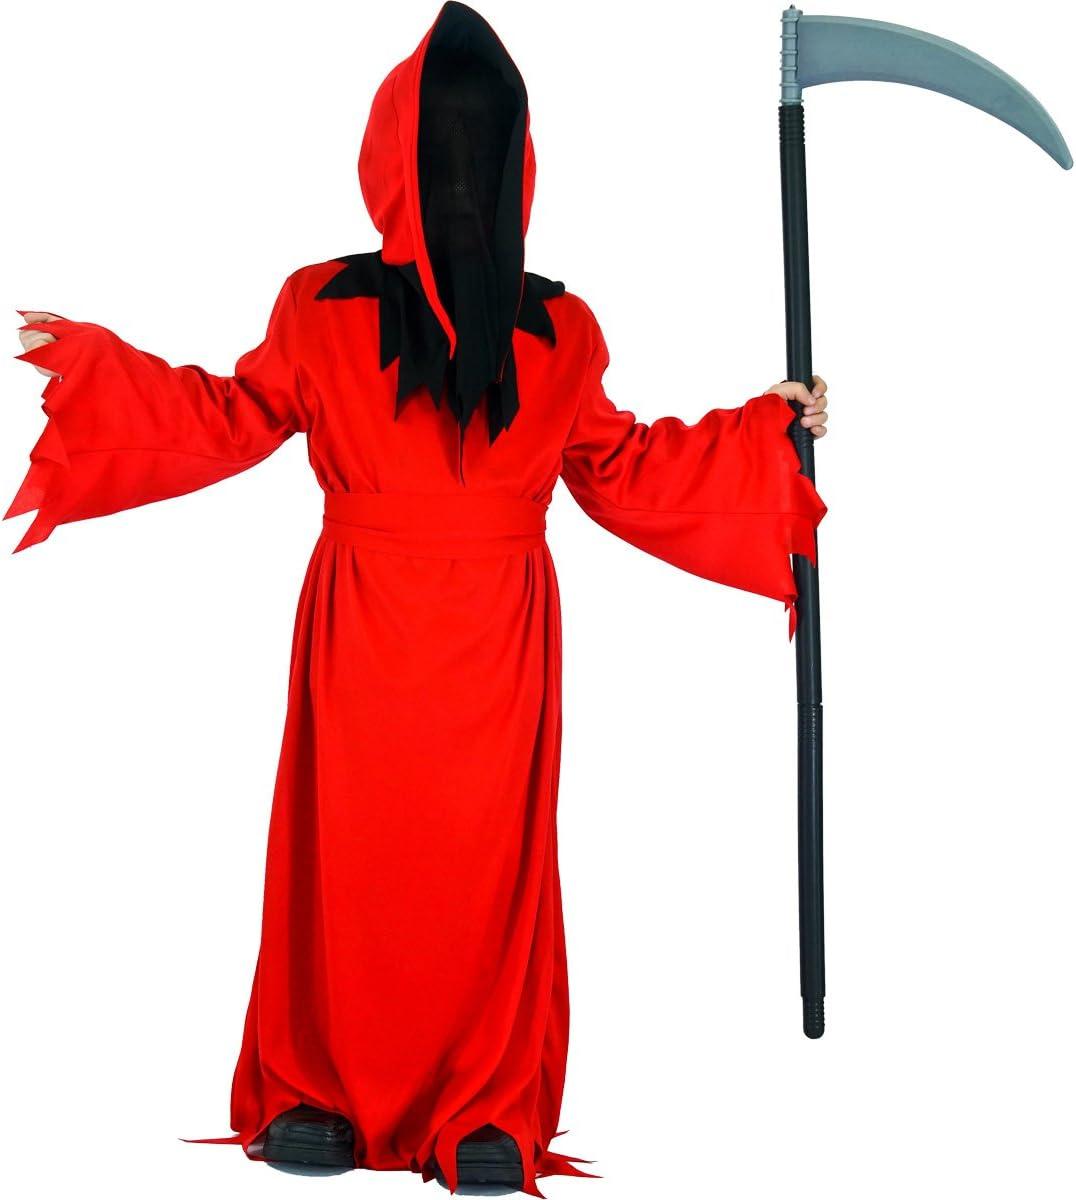 SEA HARE Disfraz de Halloween de Túnica de Demonio Rojo para Niño (S:4-6 años)